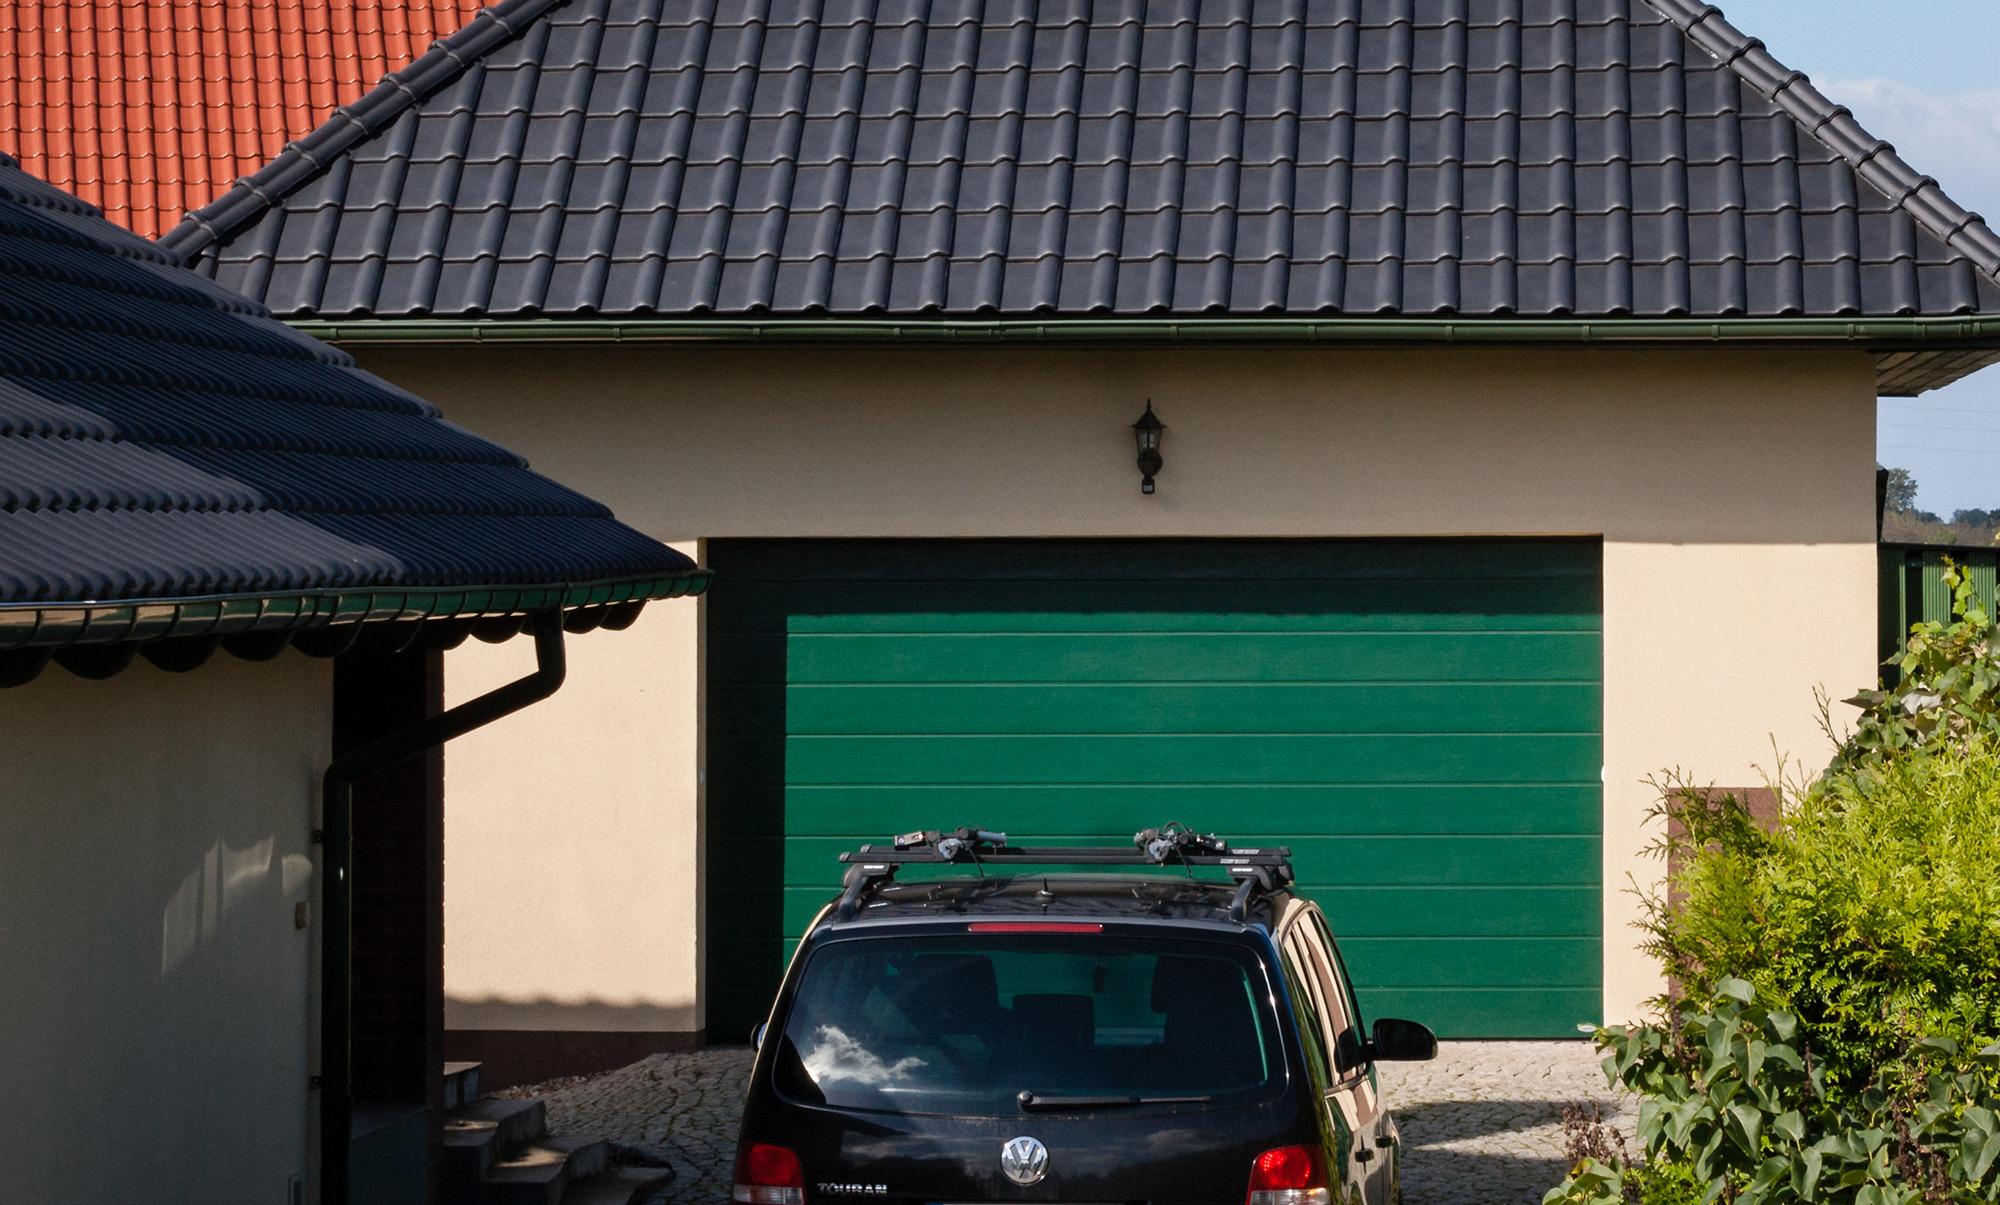 Brama garażowa segmentowa iso 45 struktura woodgrain RAL6005 przetłoczenia szerokie Serby NOVOFERM